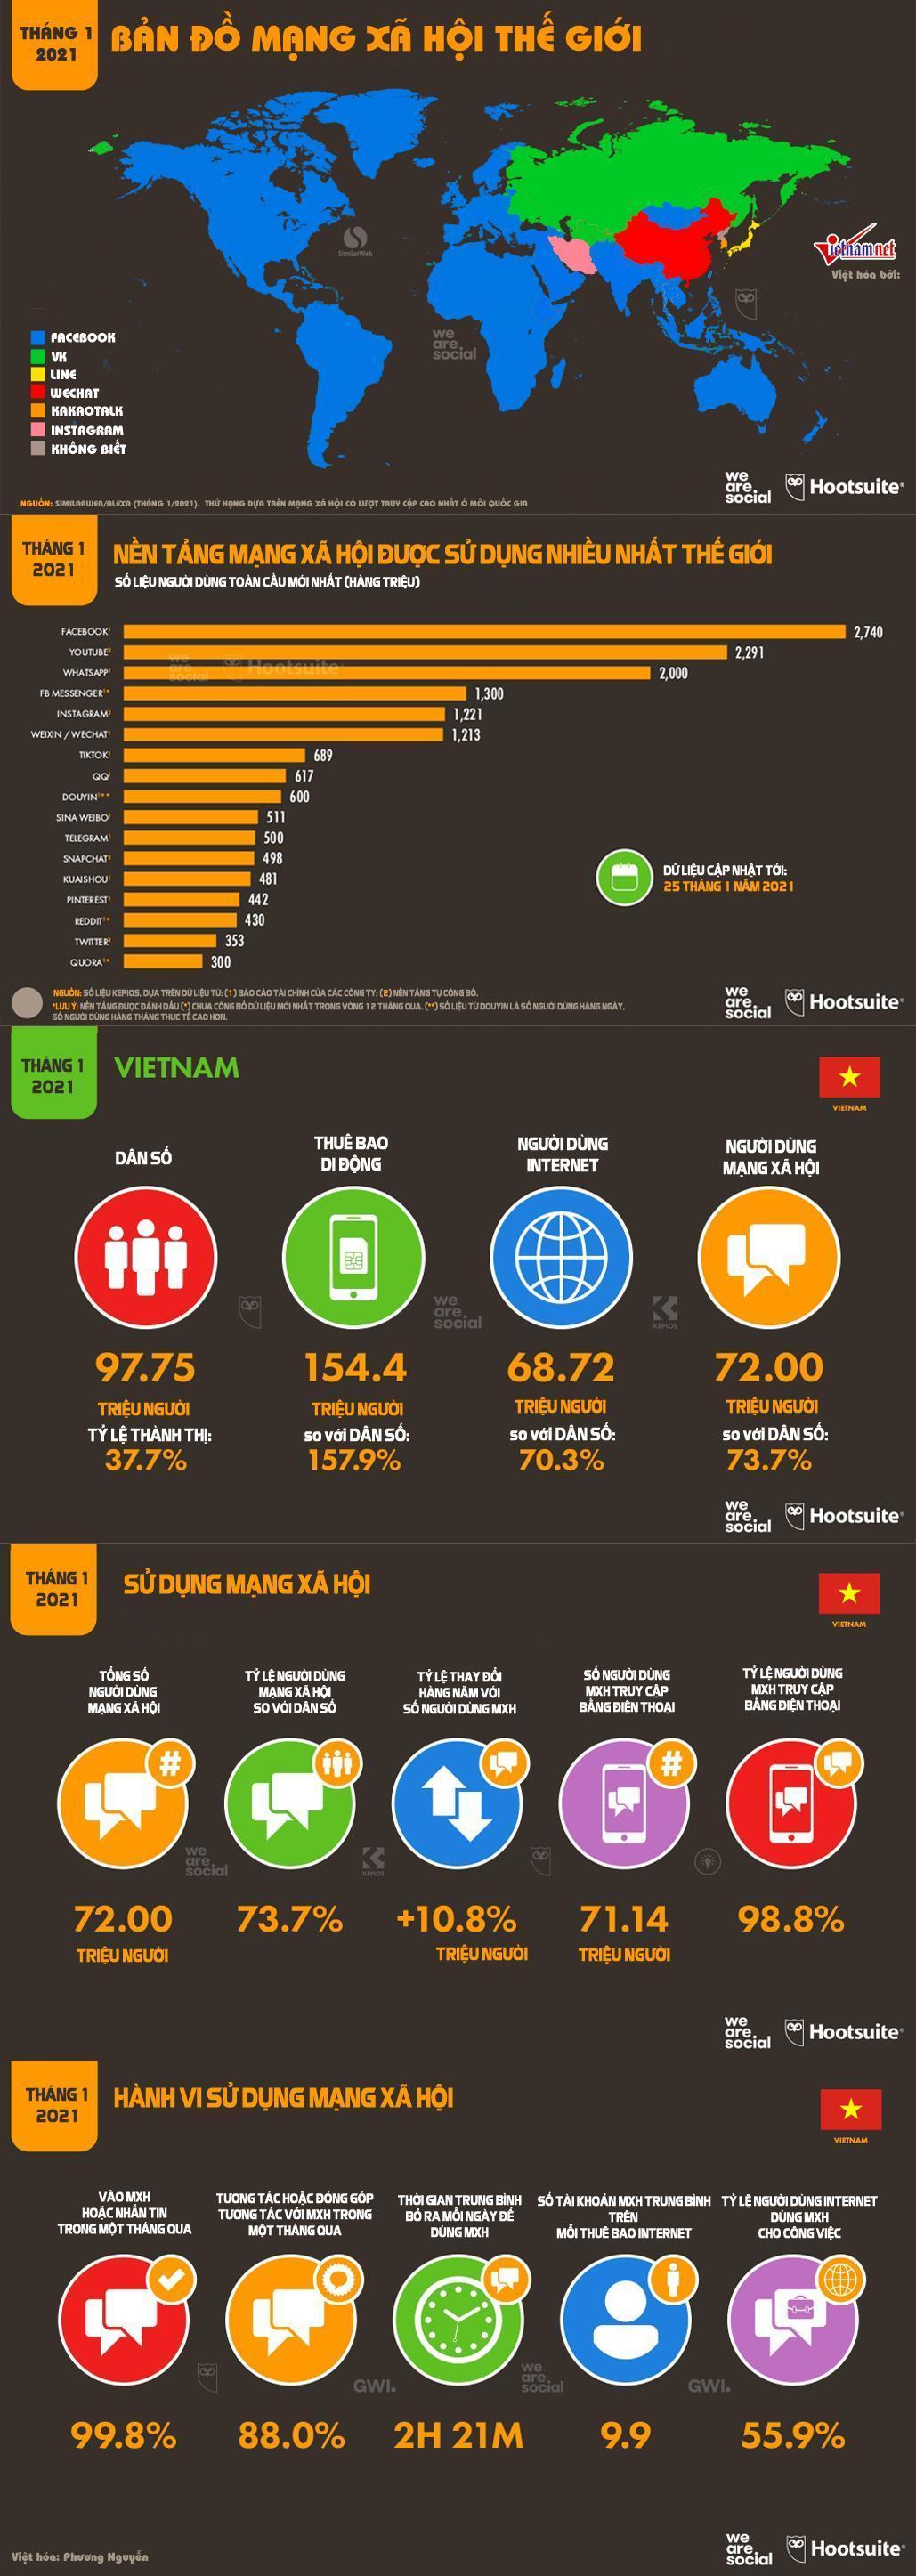 Biểu đồ so sánh các mạng xã hội-1